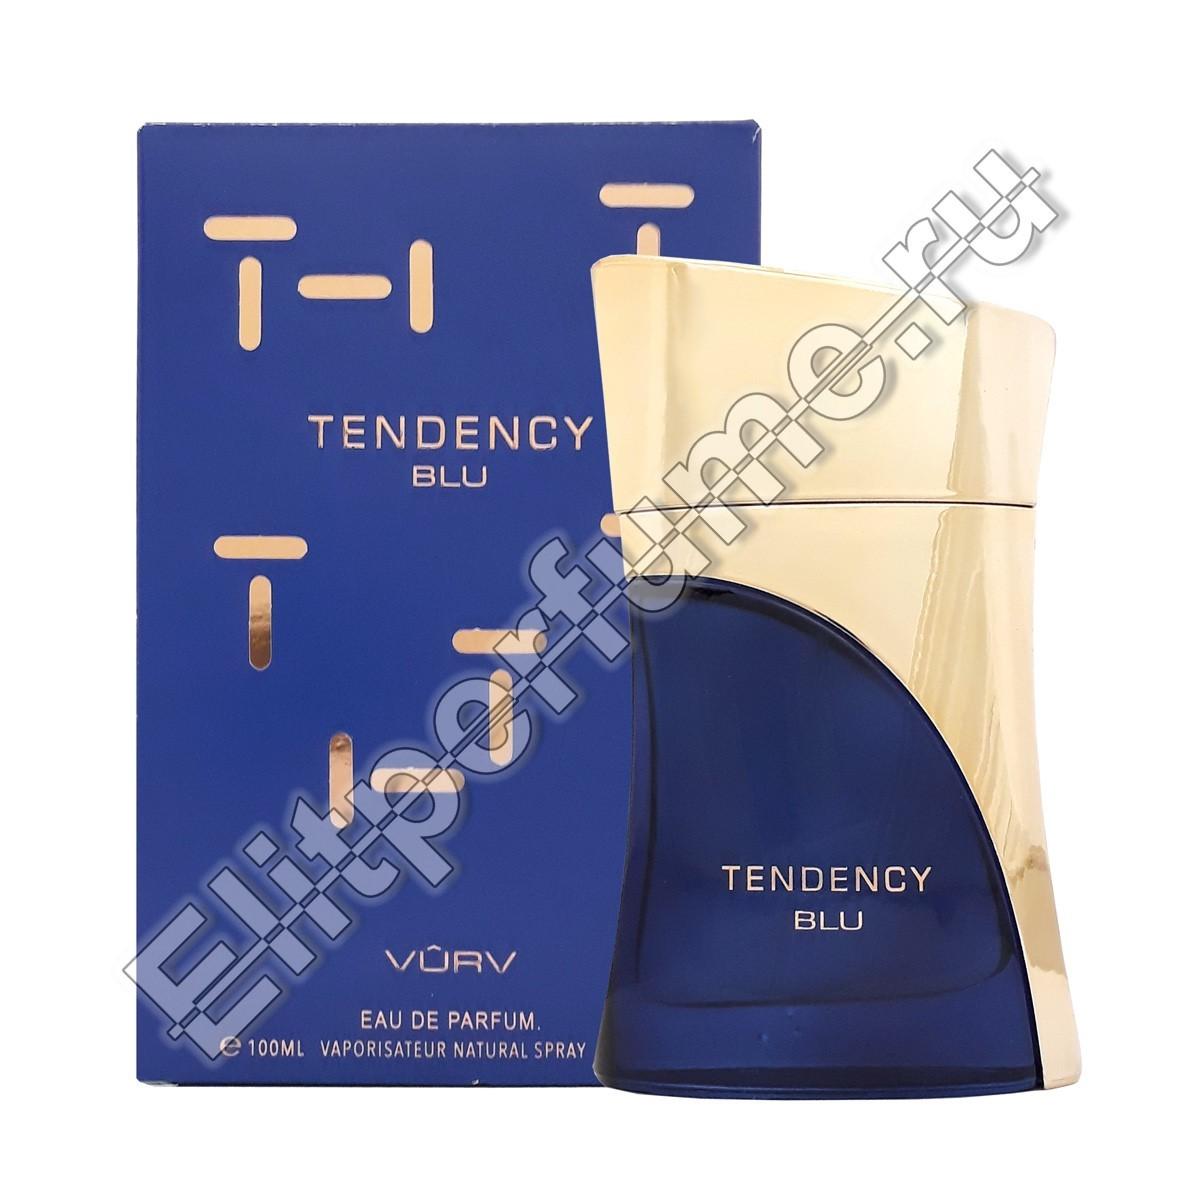 Tendency Blu u EDP 100  мл спрей от Vurv Вурф